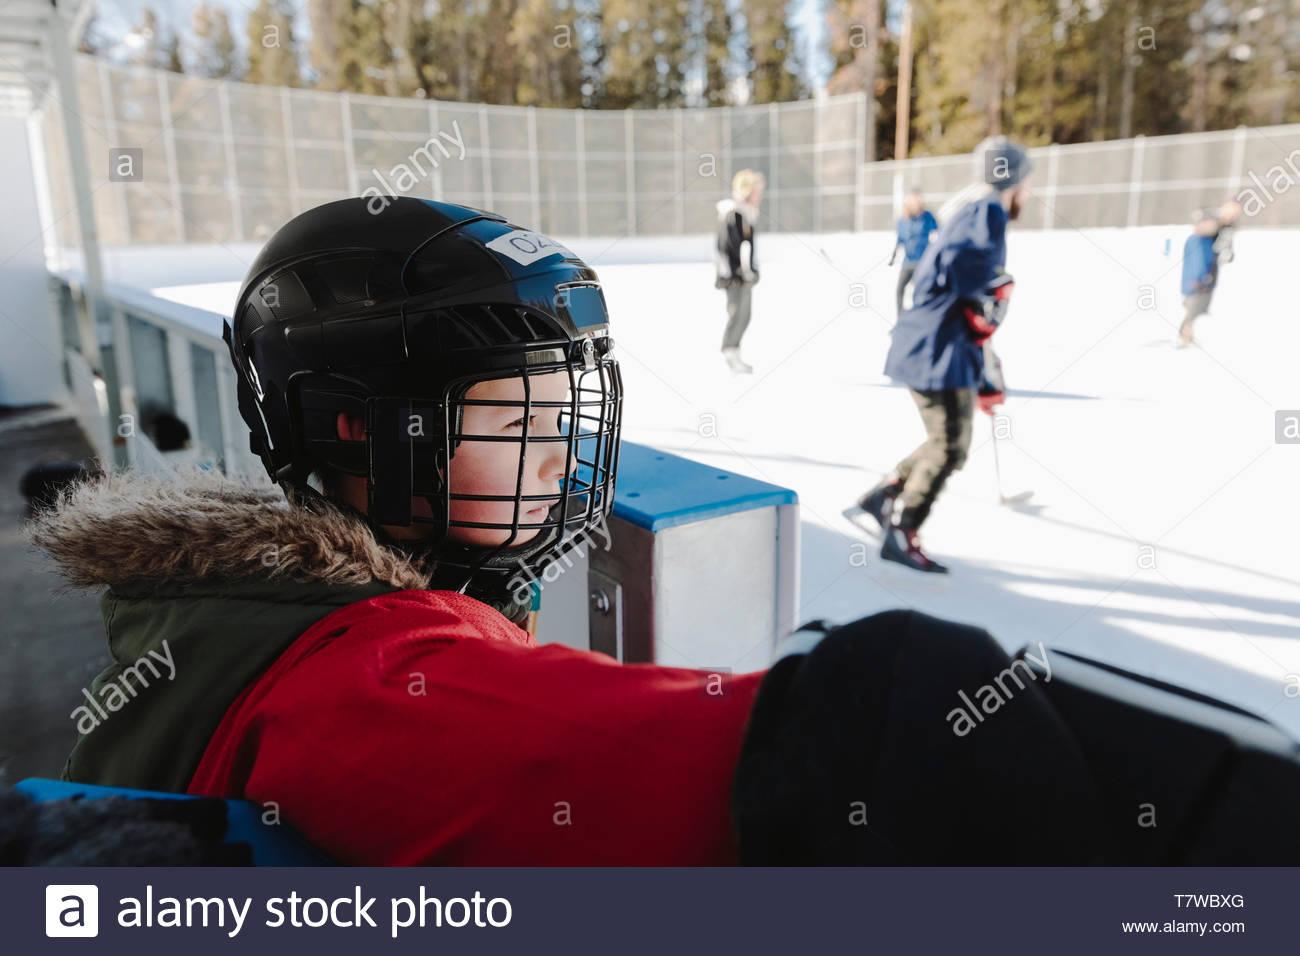 Garçon curieux de regarder le hockey sur glace en plein air à partir de la ligne de touche Photo Stock